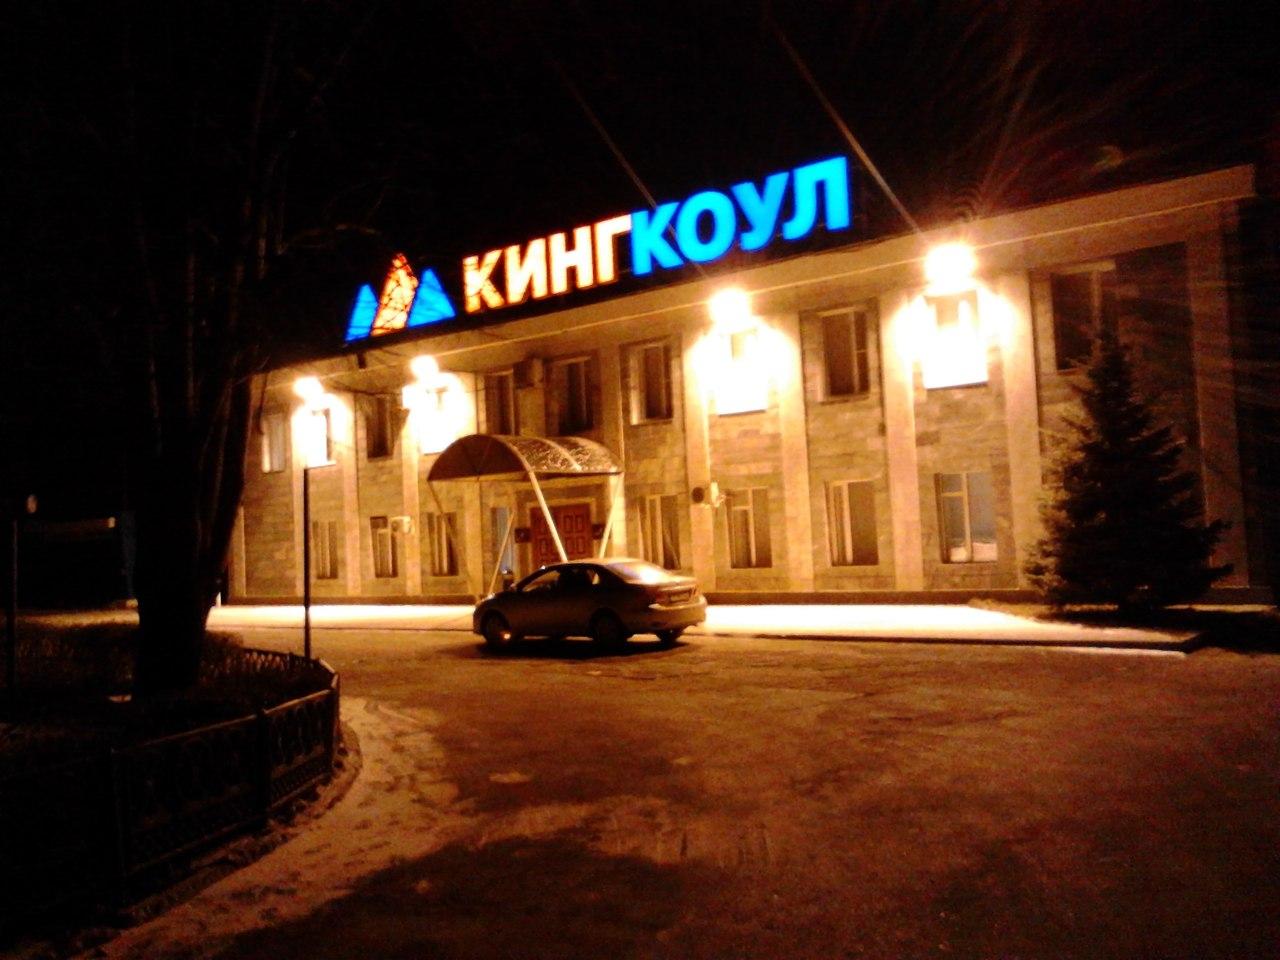 48 млн руб. выплачено шахтерам «Кингкоула» ссамого начала года